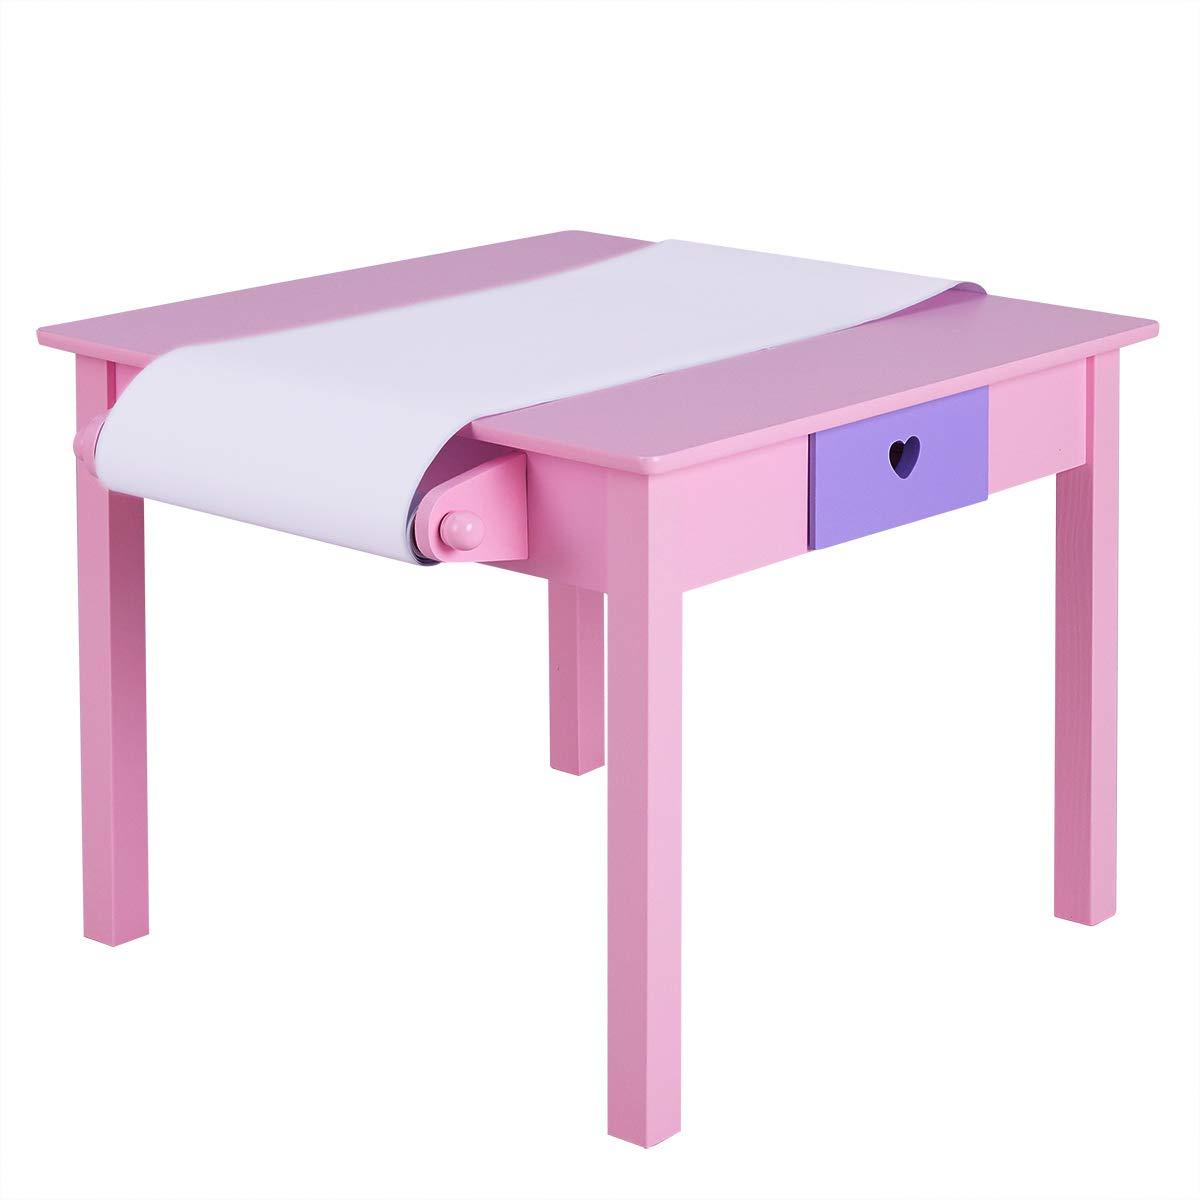 Kindertisch mit 2 Kinderst/ühlen Kindertischgruppe mit Rollenhalter und Papierrolle mit 2 Schubladen Modell 1 Kinderm/öbel aus Holz Kindersitzgruppe COSTWAY Sitzgruppe Kinder 3tlg